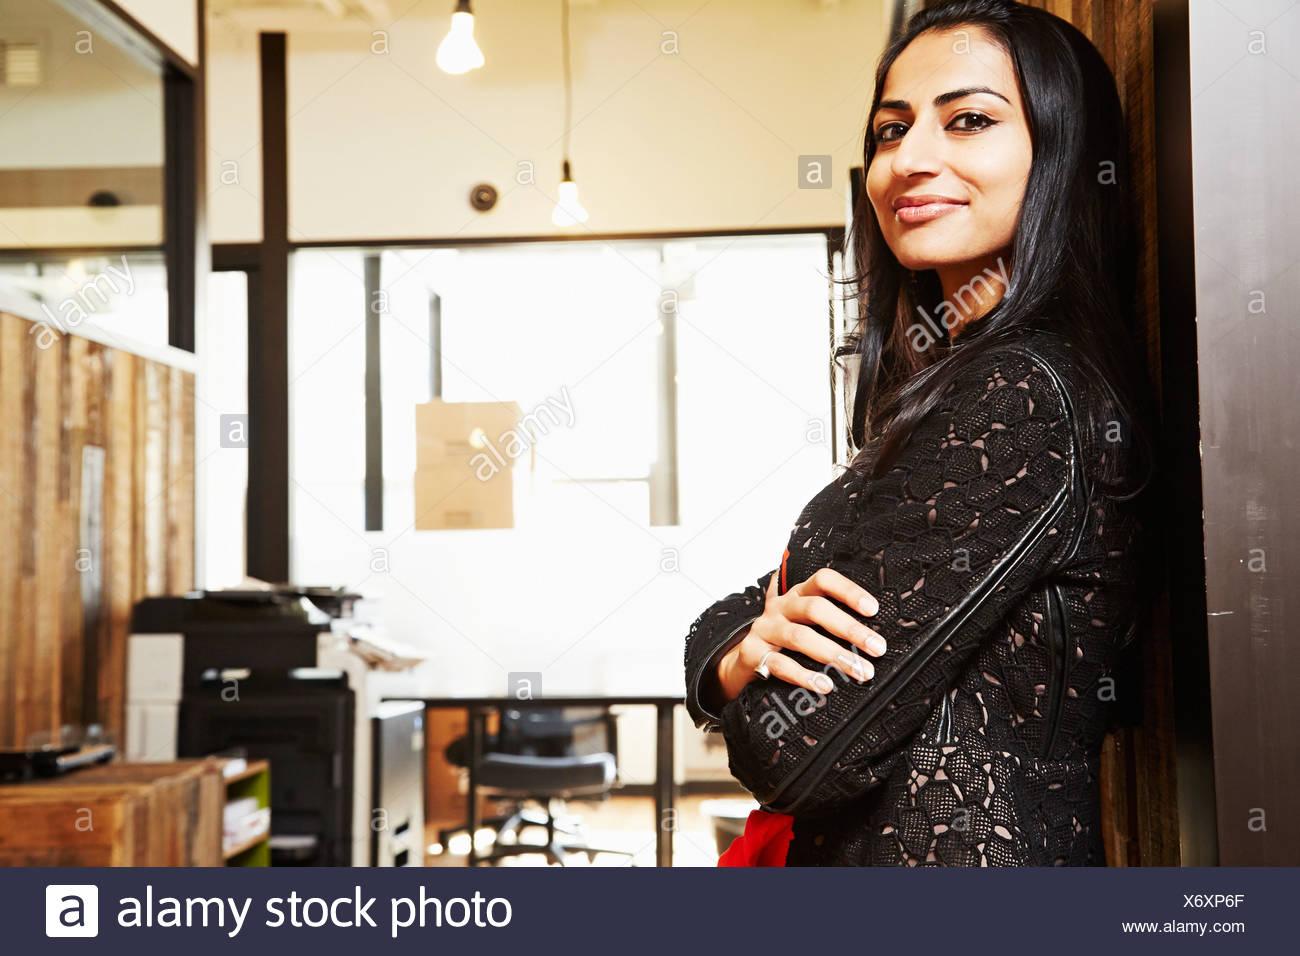 Porträt Frau mit verschränkten Armen Stockbild